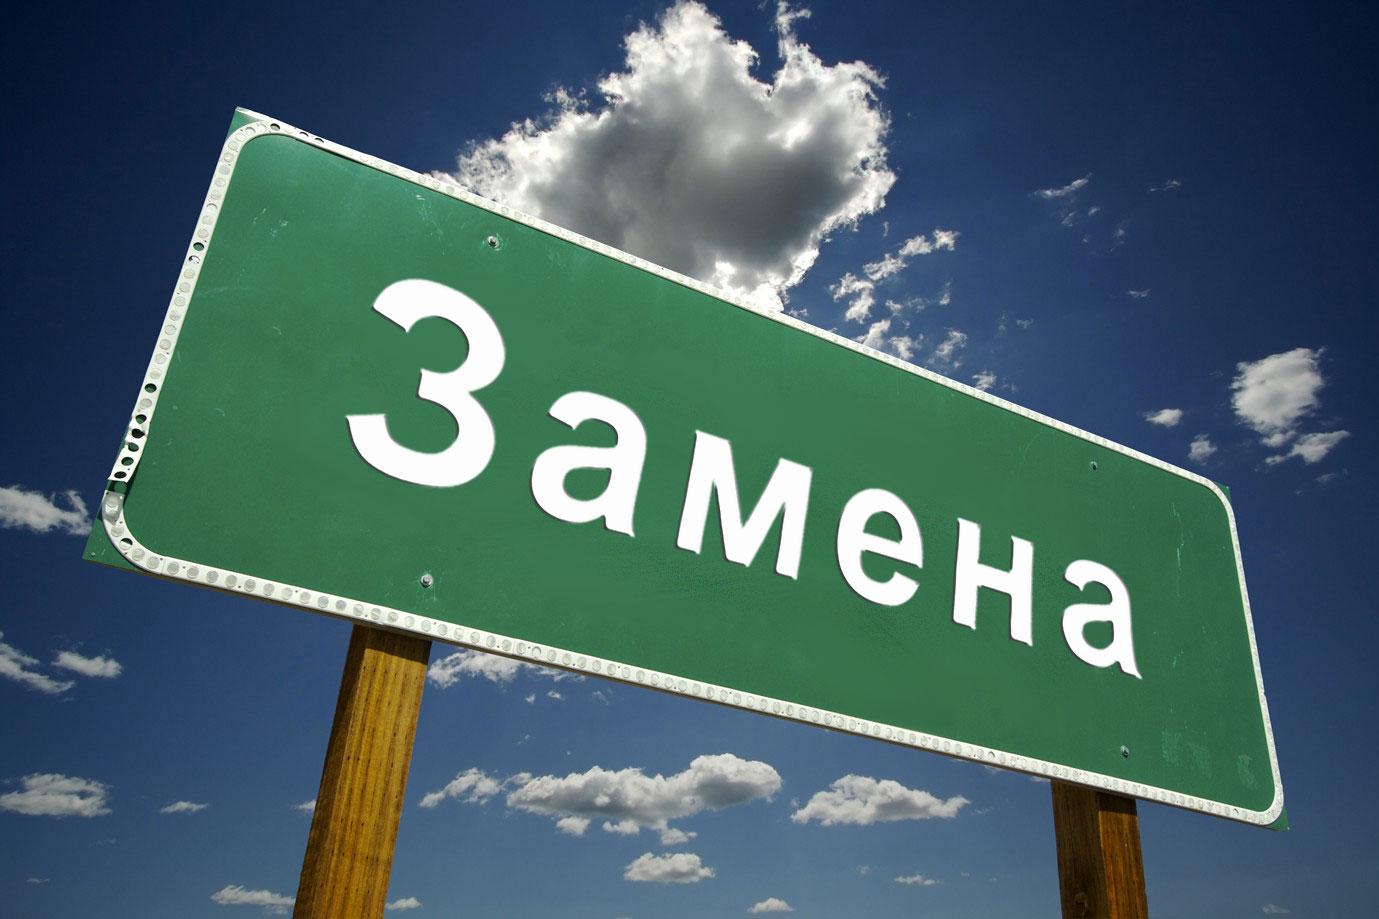 Львовскому селу вернули название до декоммунизации